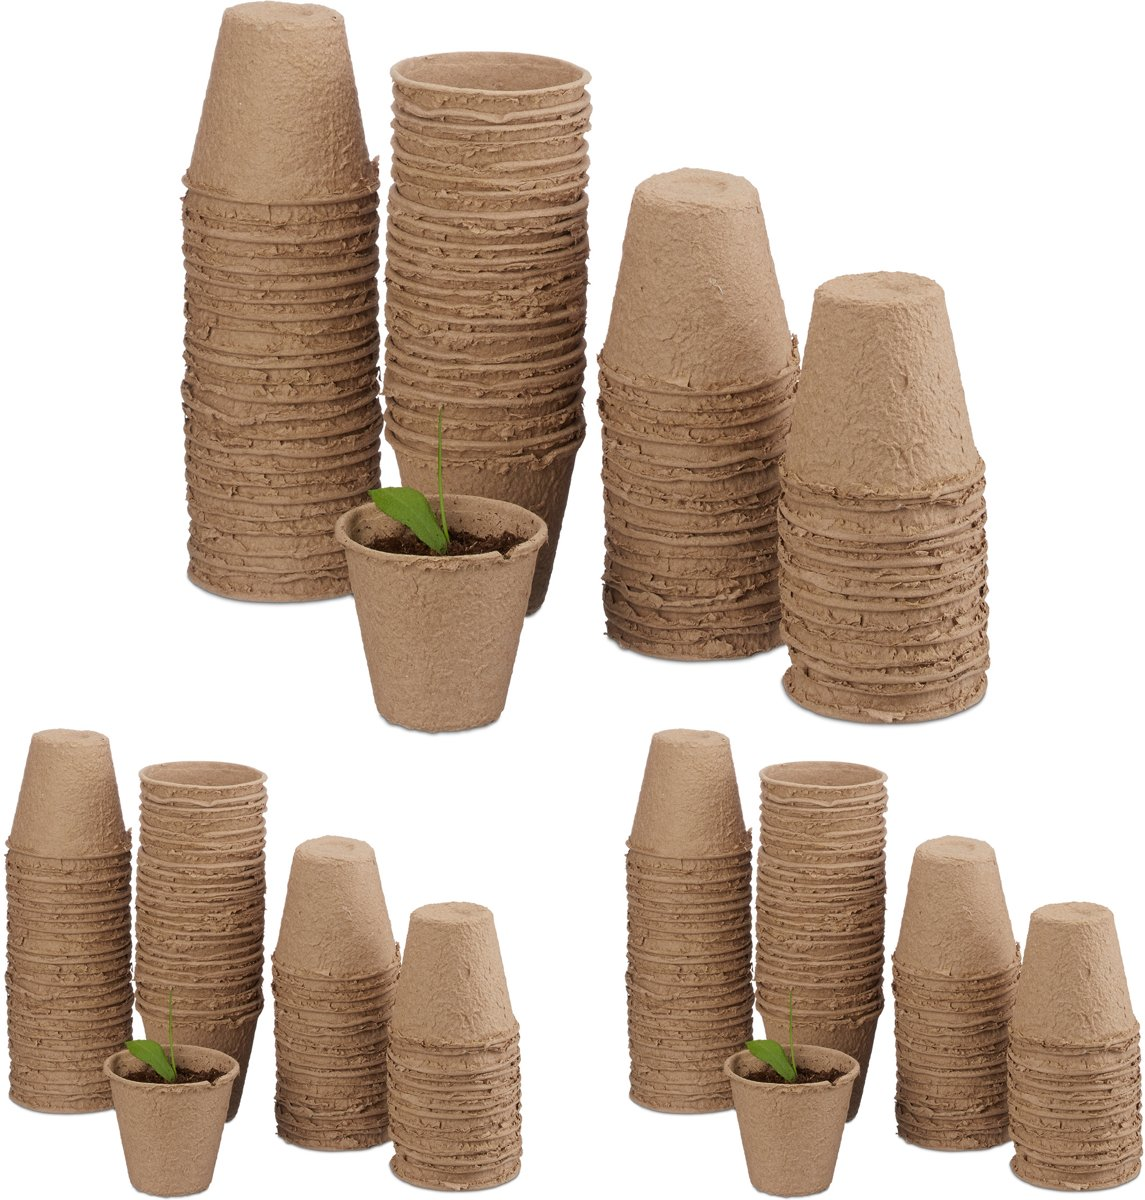 relaxdays 240 - kweekpotjes - biologisch afbreekbare stekpotjes - rond - beige